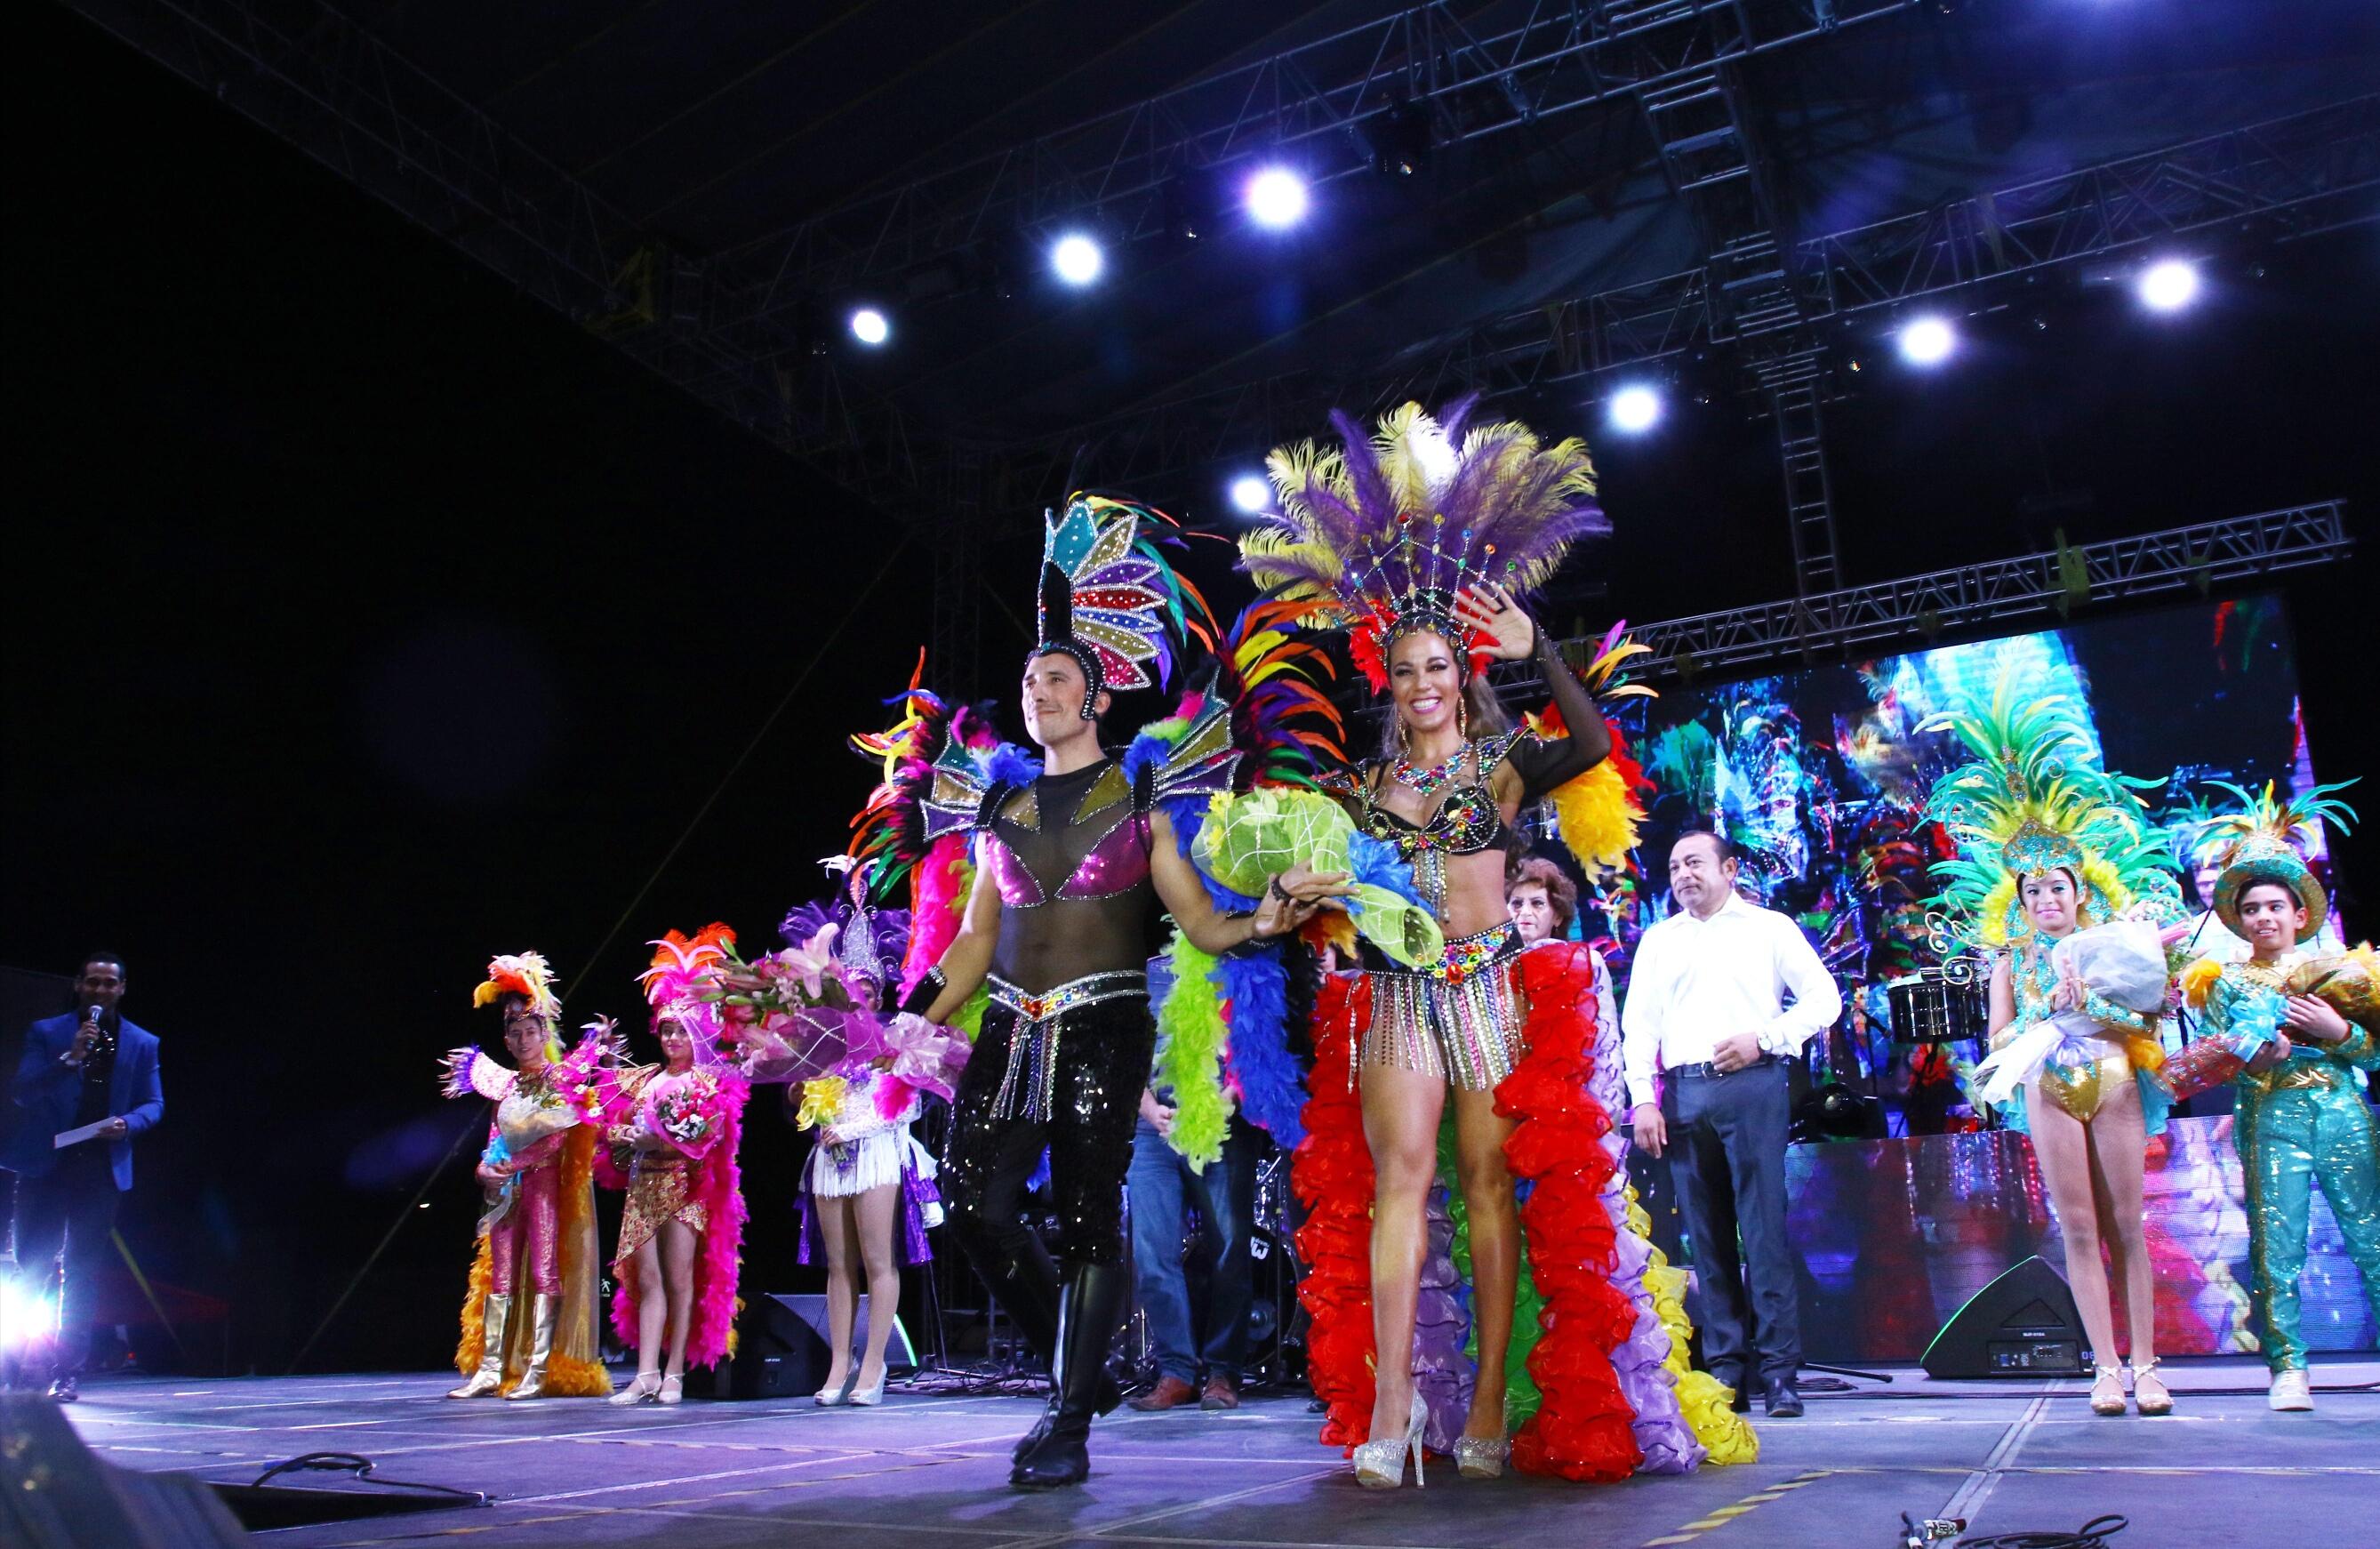 Los primeros destellos del Carnaval Mérida 2018